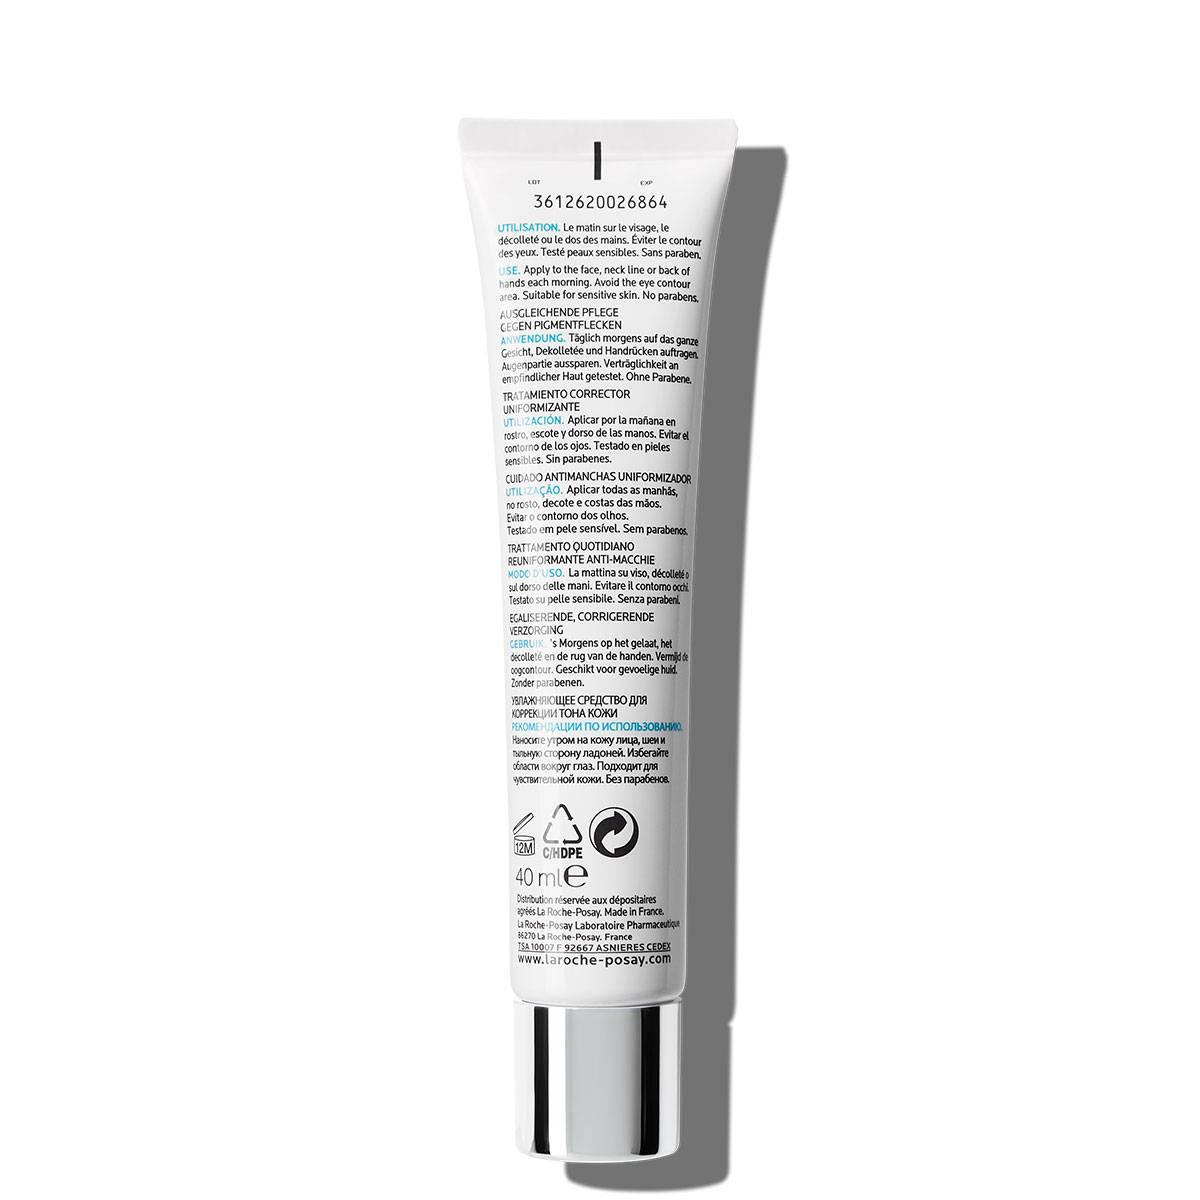 La Roche Posay ProductPage Anti Aging Pigmentclar UV Spf30 Moisturiser